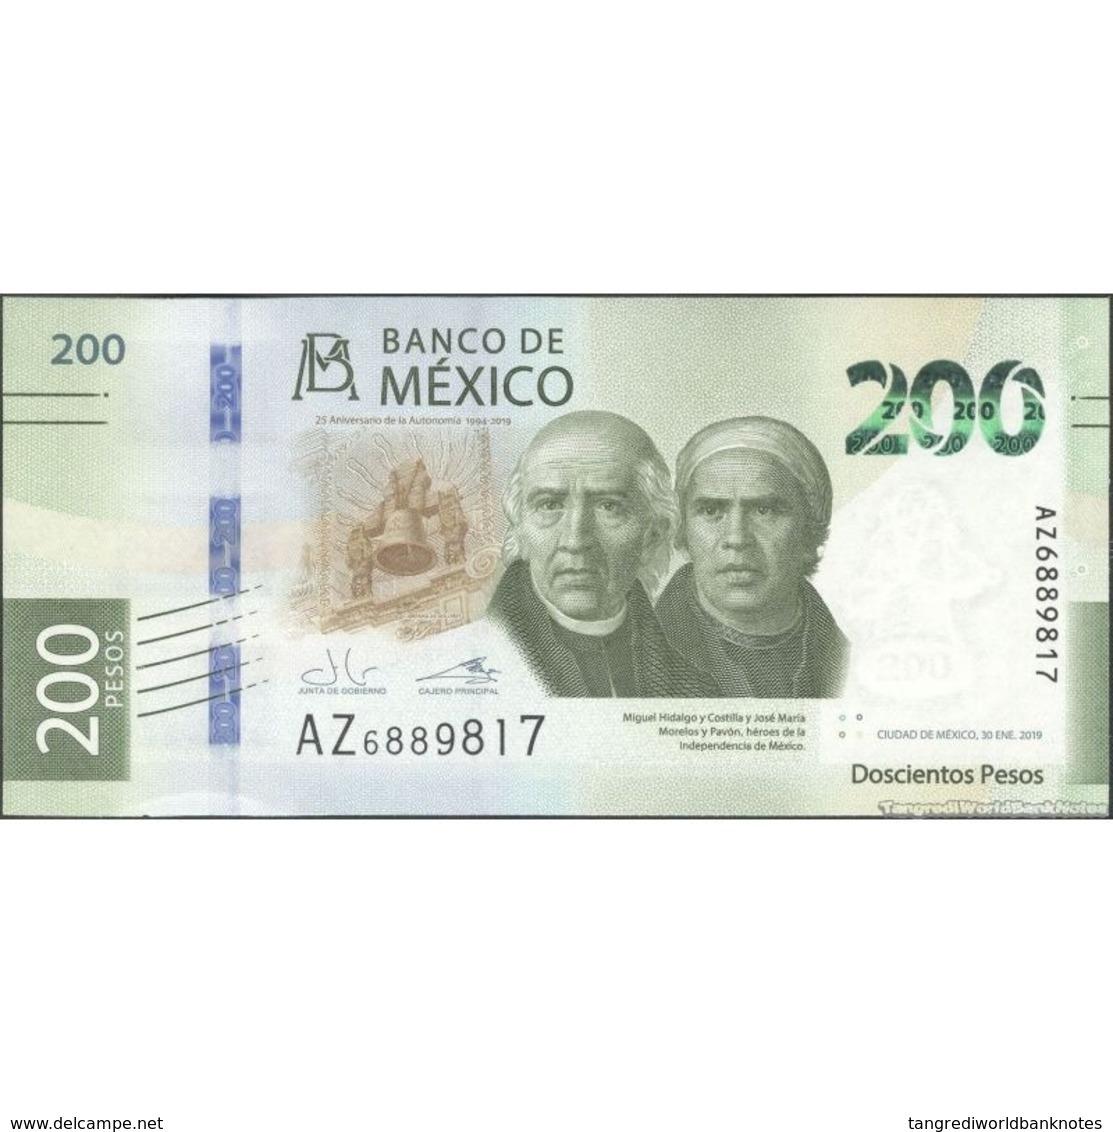 TWN - MEXICO NEW - 200 Pesos 30.1.2019 - 25th Ann. Of Autonomy Of Banco De México - Prefix AZ UNC - Messico